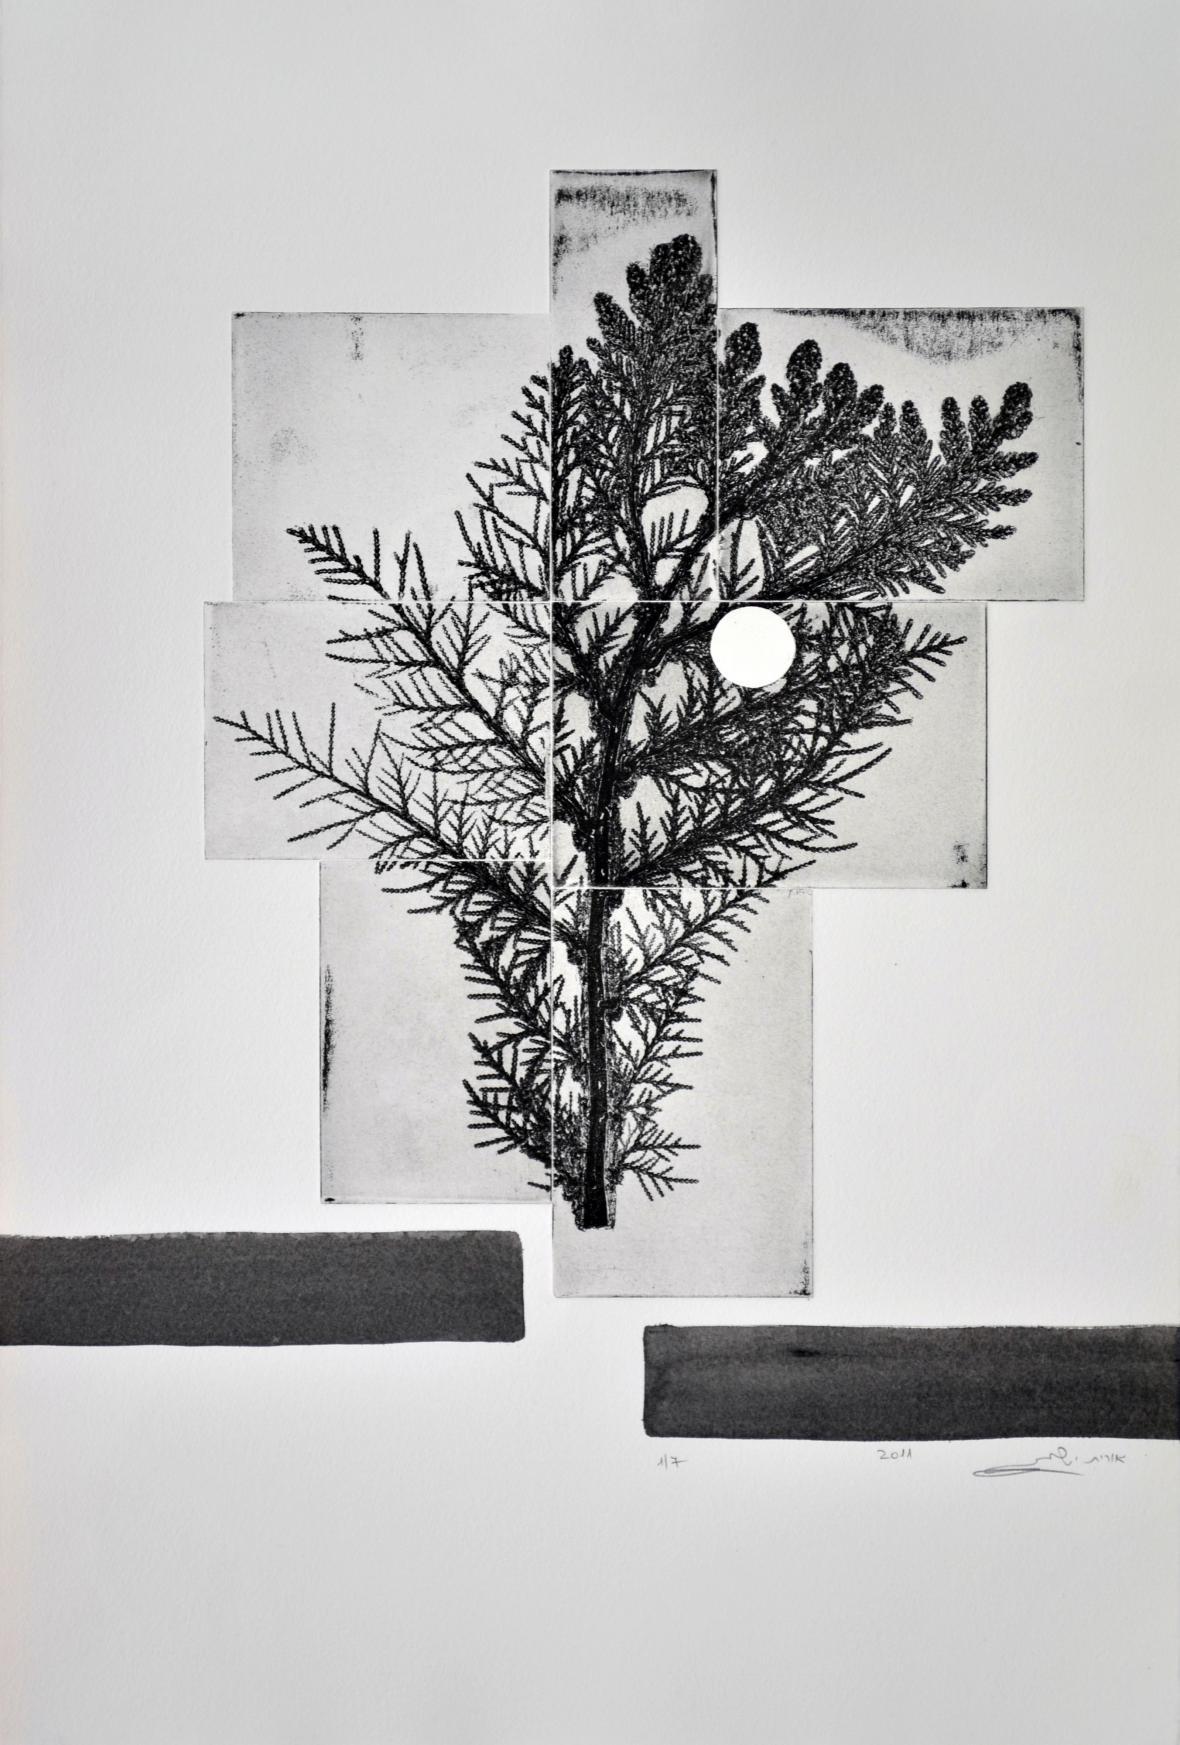 Vlivy měsíčního kontinua, lept, měkký vosk a ruční tisk, 2011